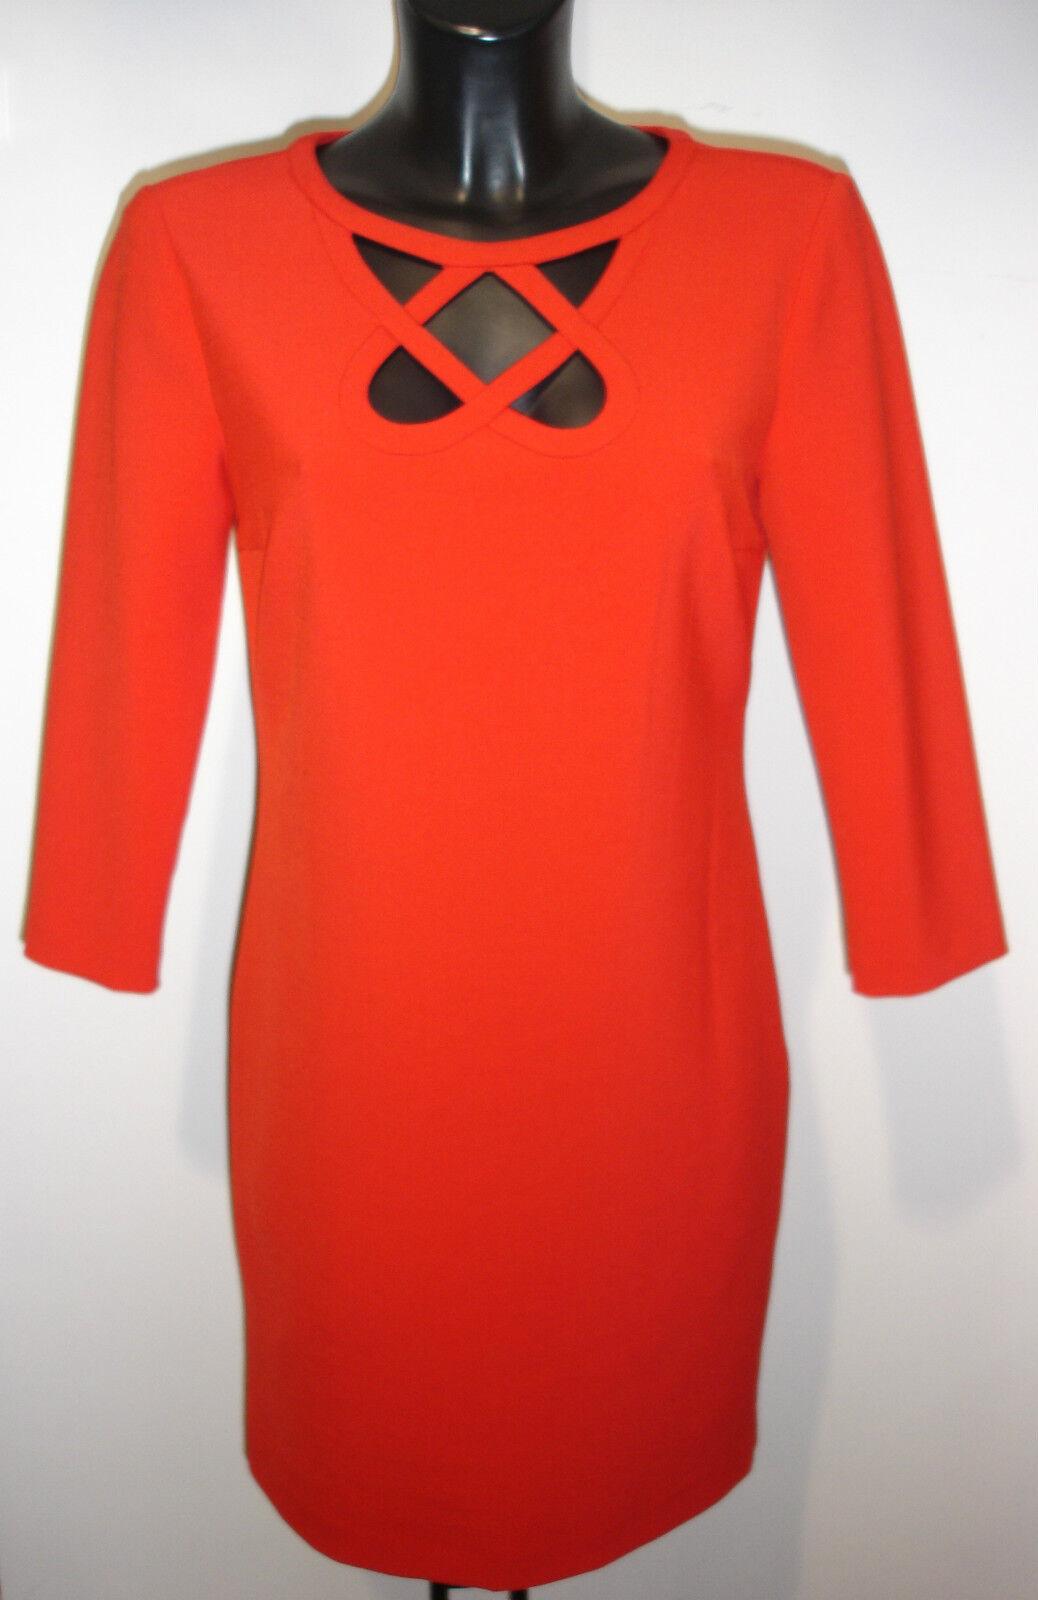 DIANE VON FURSTENBERG DVF RED STRAIGHT DRESS BNWT size